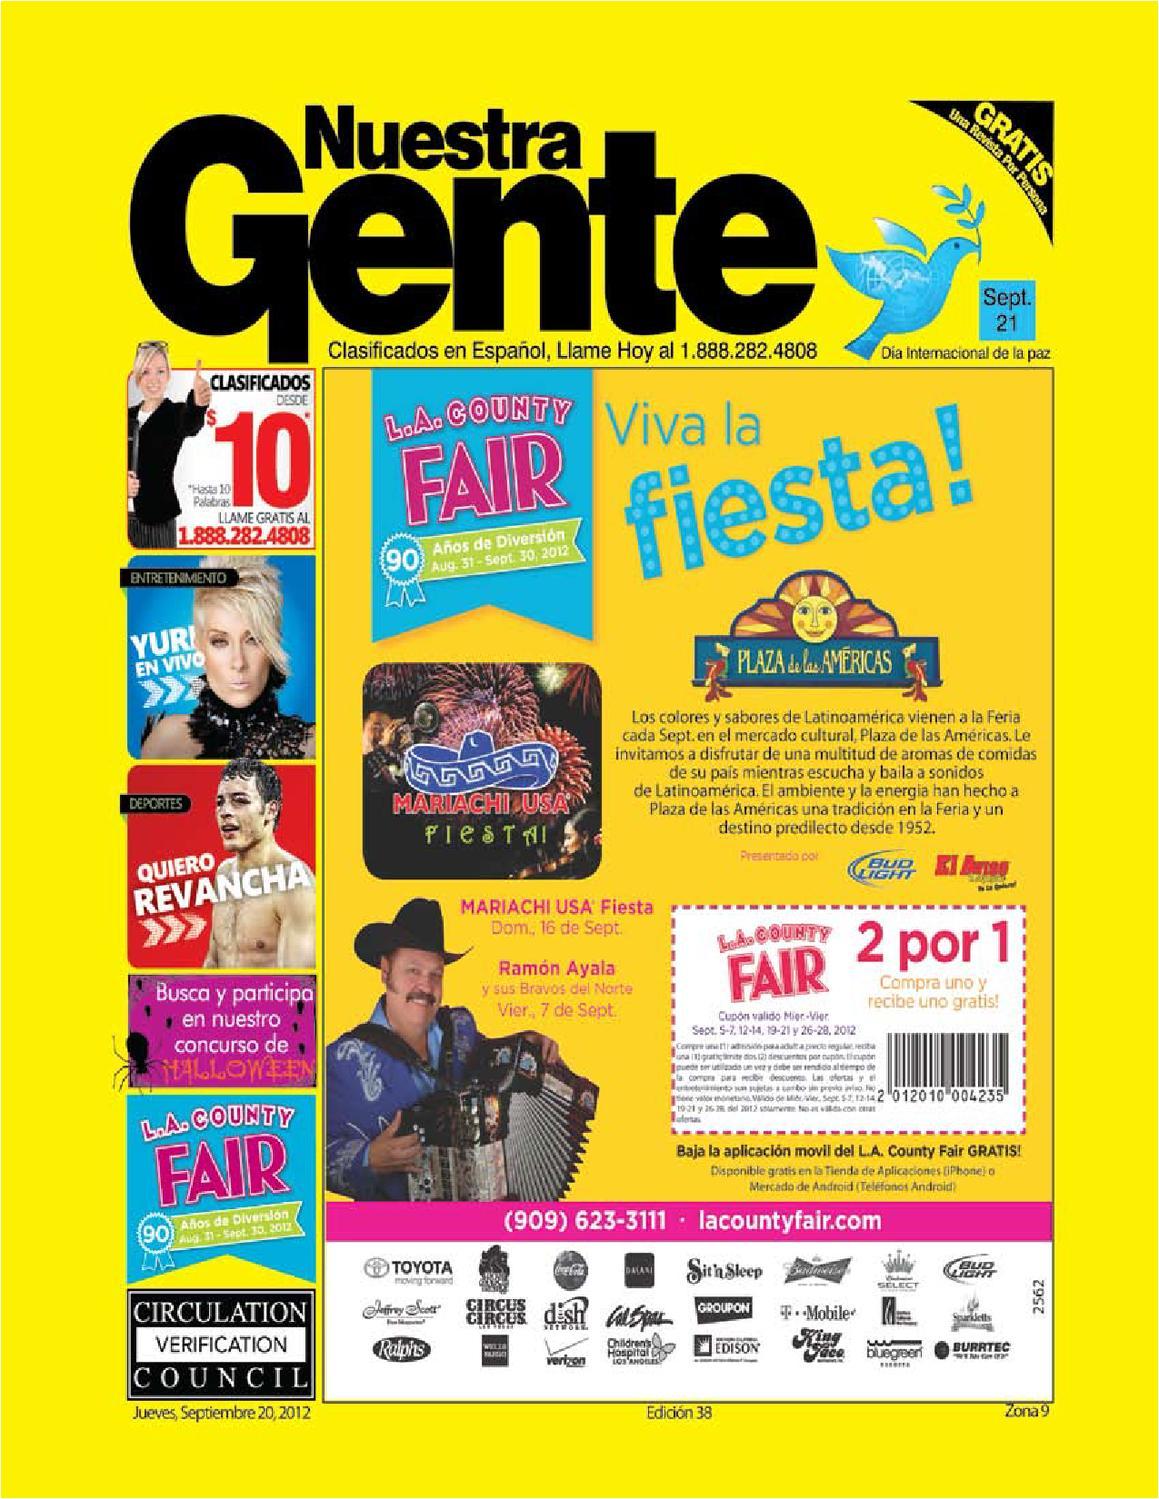 Nuestra Gente Edicion 38 zona 9 by Nuestra Gente - issuu